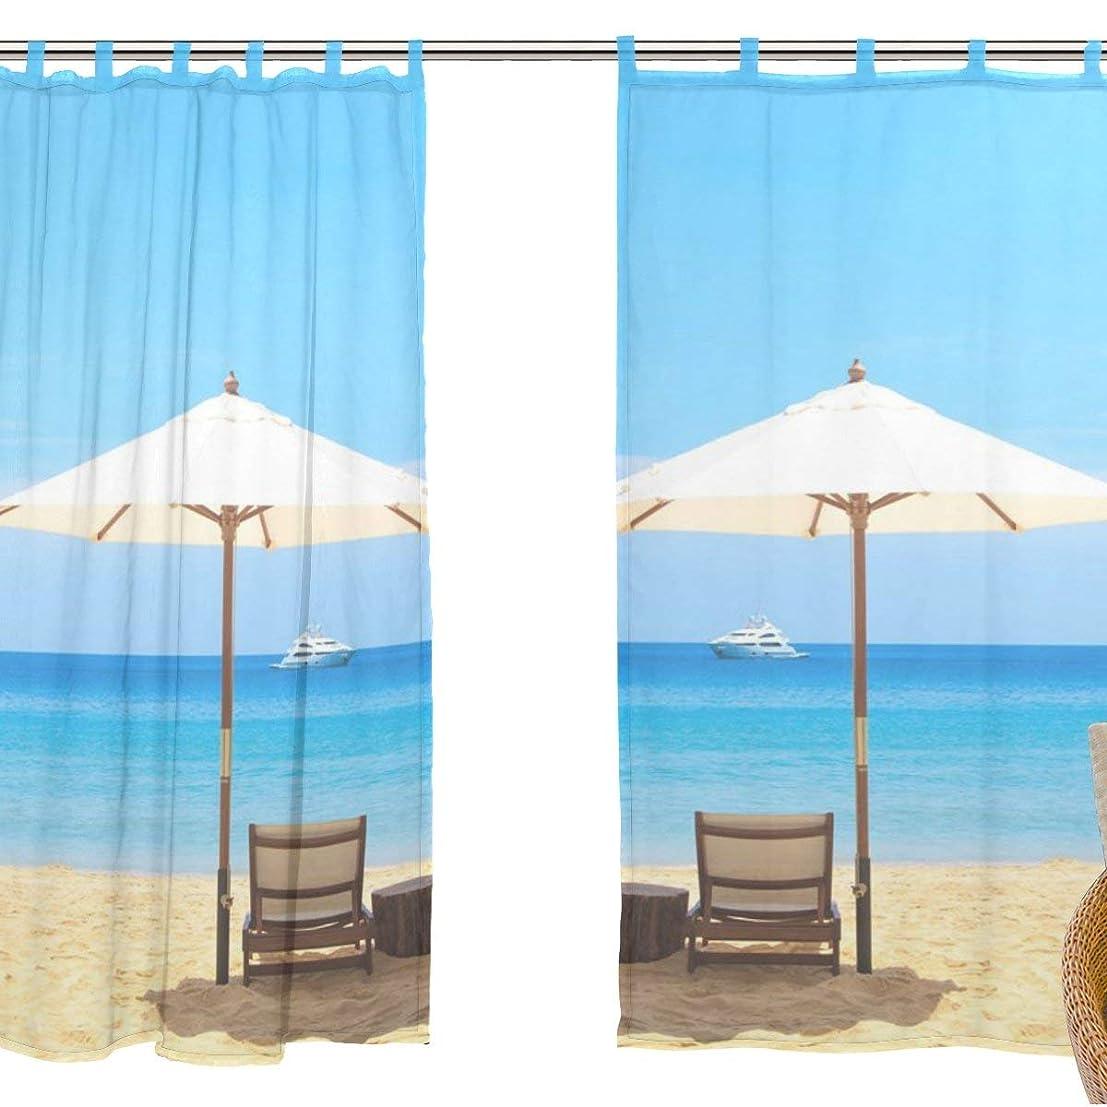 虎マリンサッカーZOMOY(ユサキ おしゃれ 薄手 柔らかい シェードカーテン紗 ドアカーテン,装飾 窓 部屋 玄関 ベッドルーム 客間用 遮光 カーテン (幅:140cm x丈:210cmx2枚組) 自然の風景 海 砂浜 波 M49